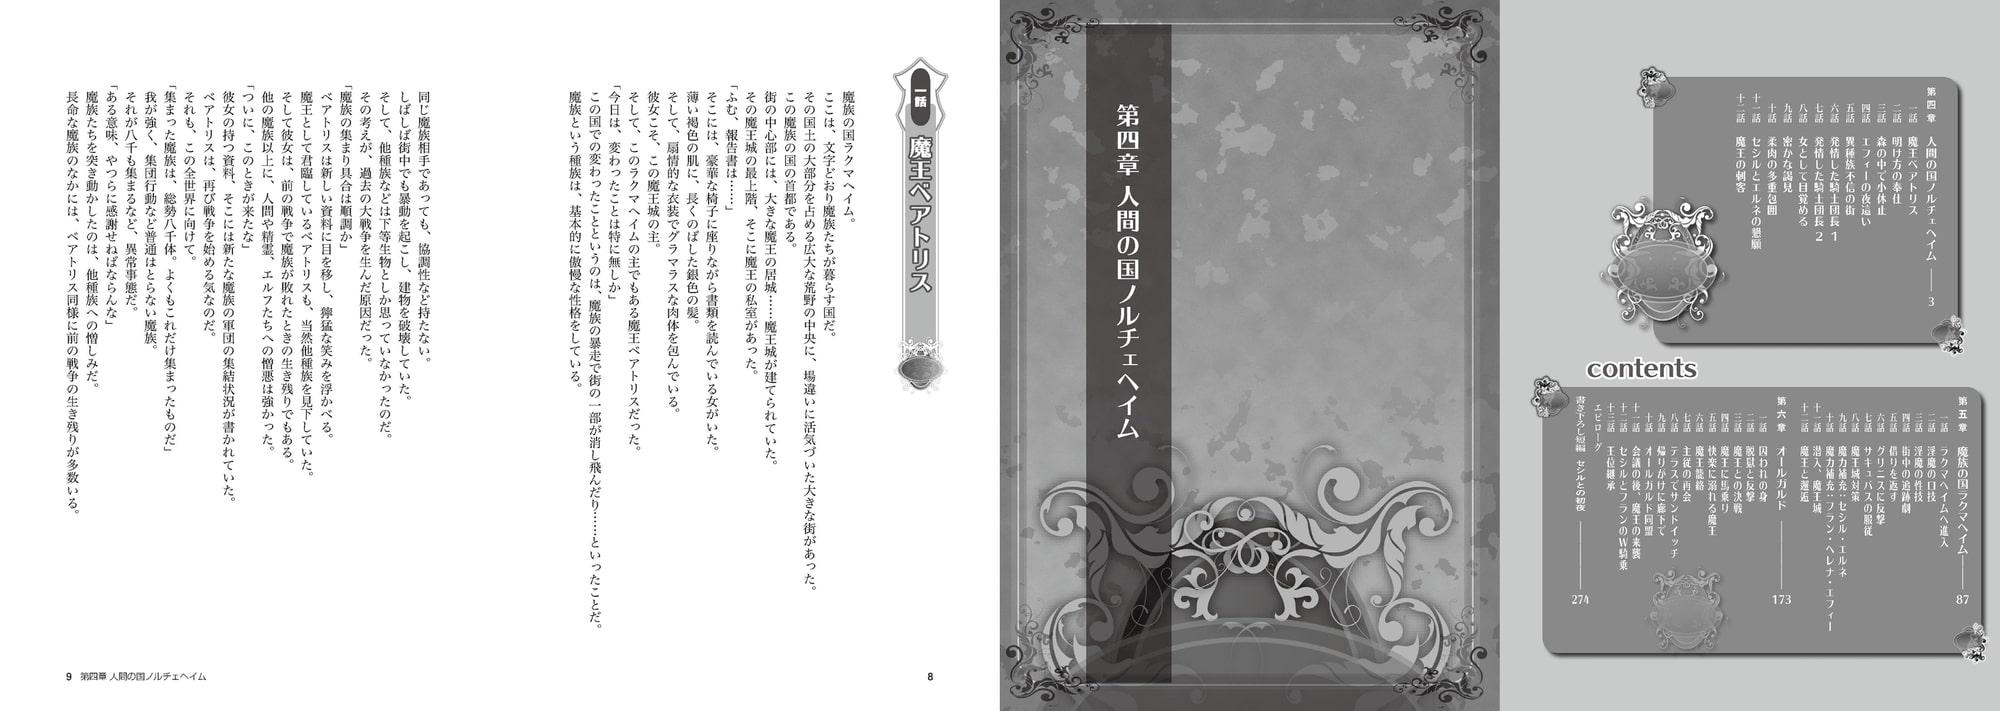 転生エルフ王子のハーレム英雄譚 2